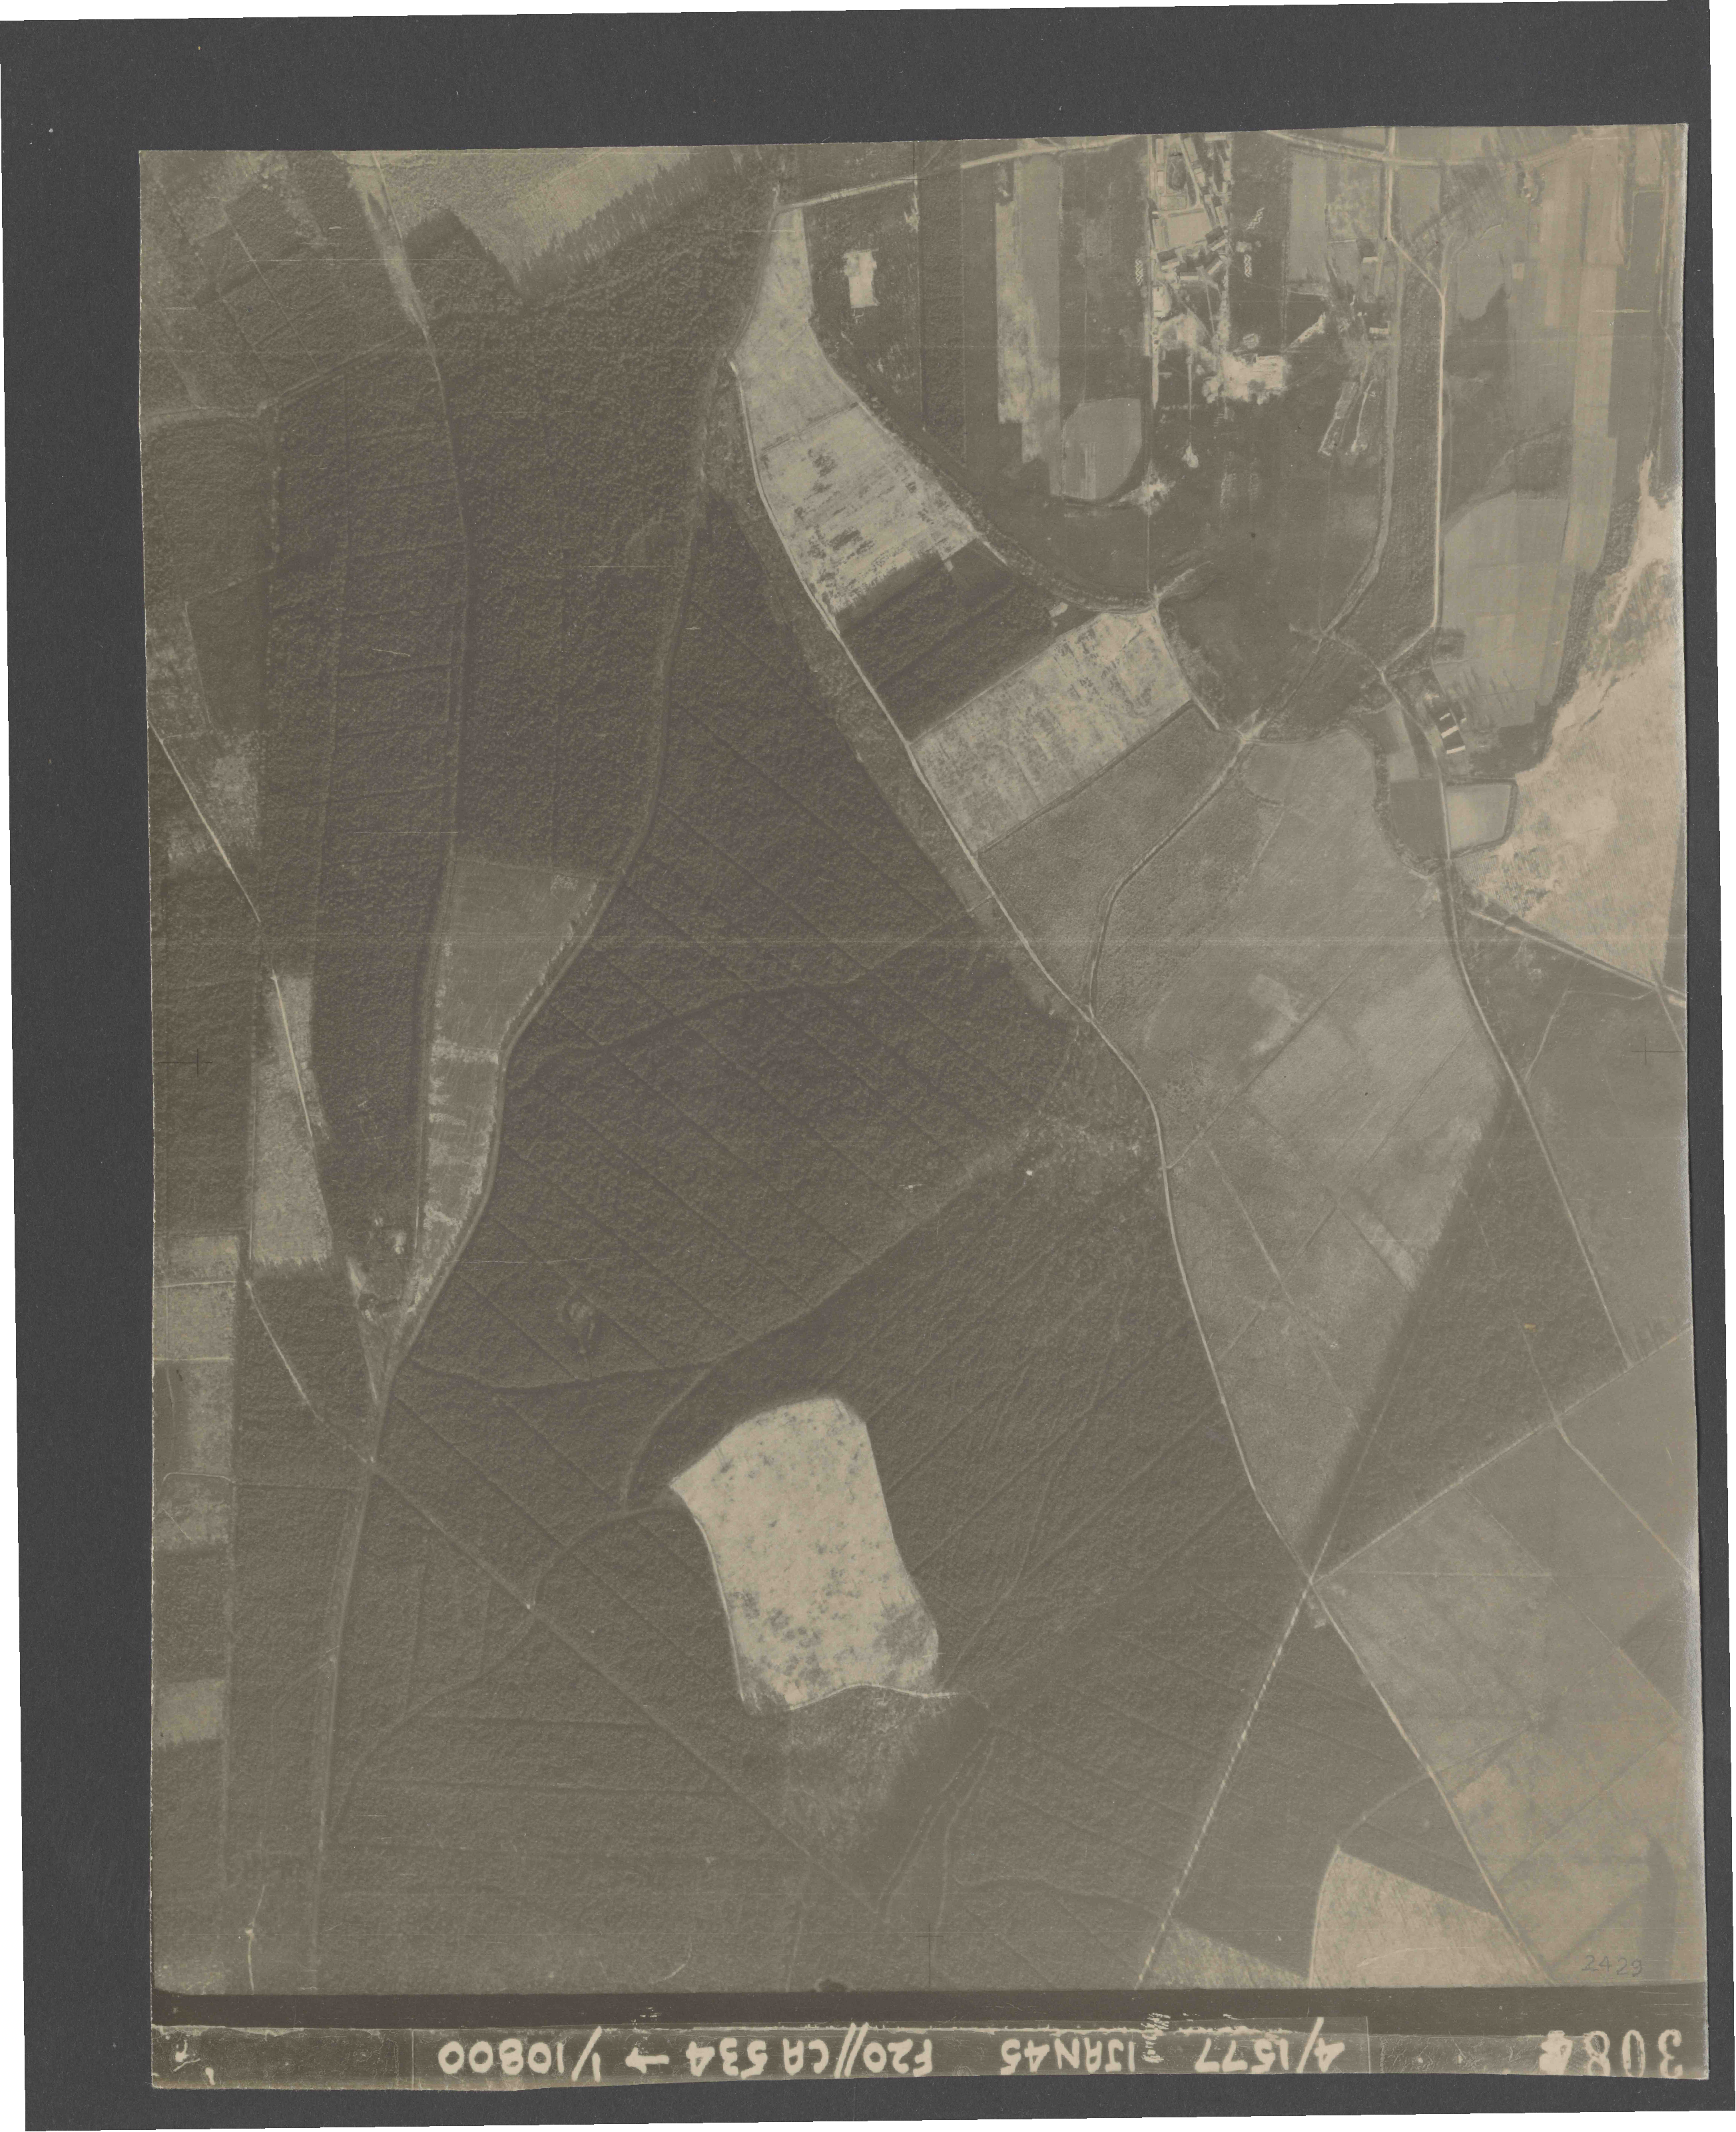 Collection RAF aerial photos 1940-1945 - flight 105, run 09, photo 3084